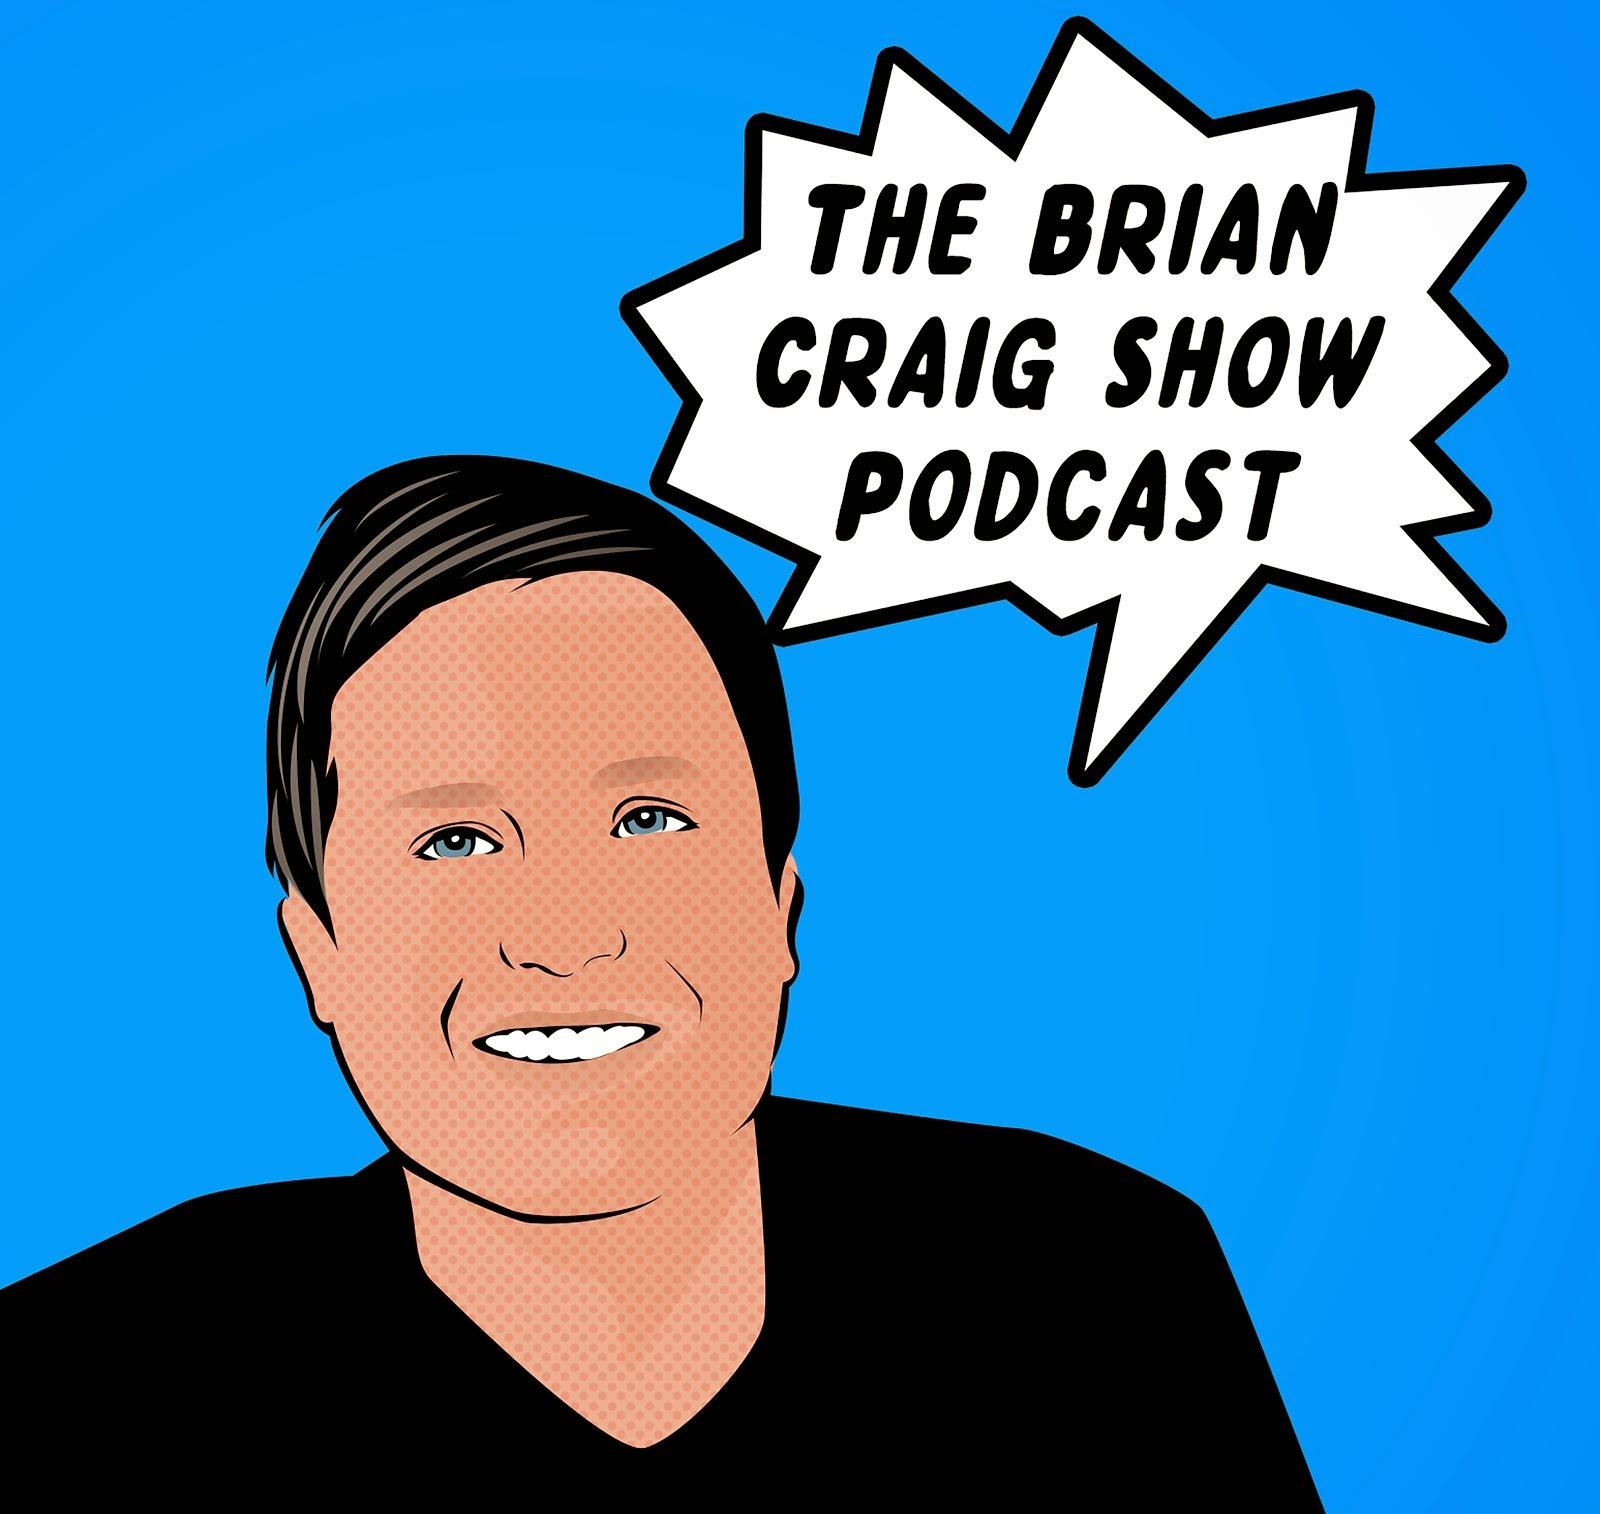 The Brian Craig Show